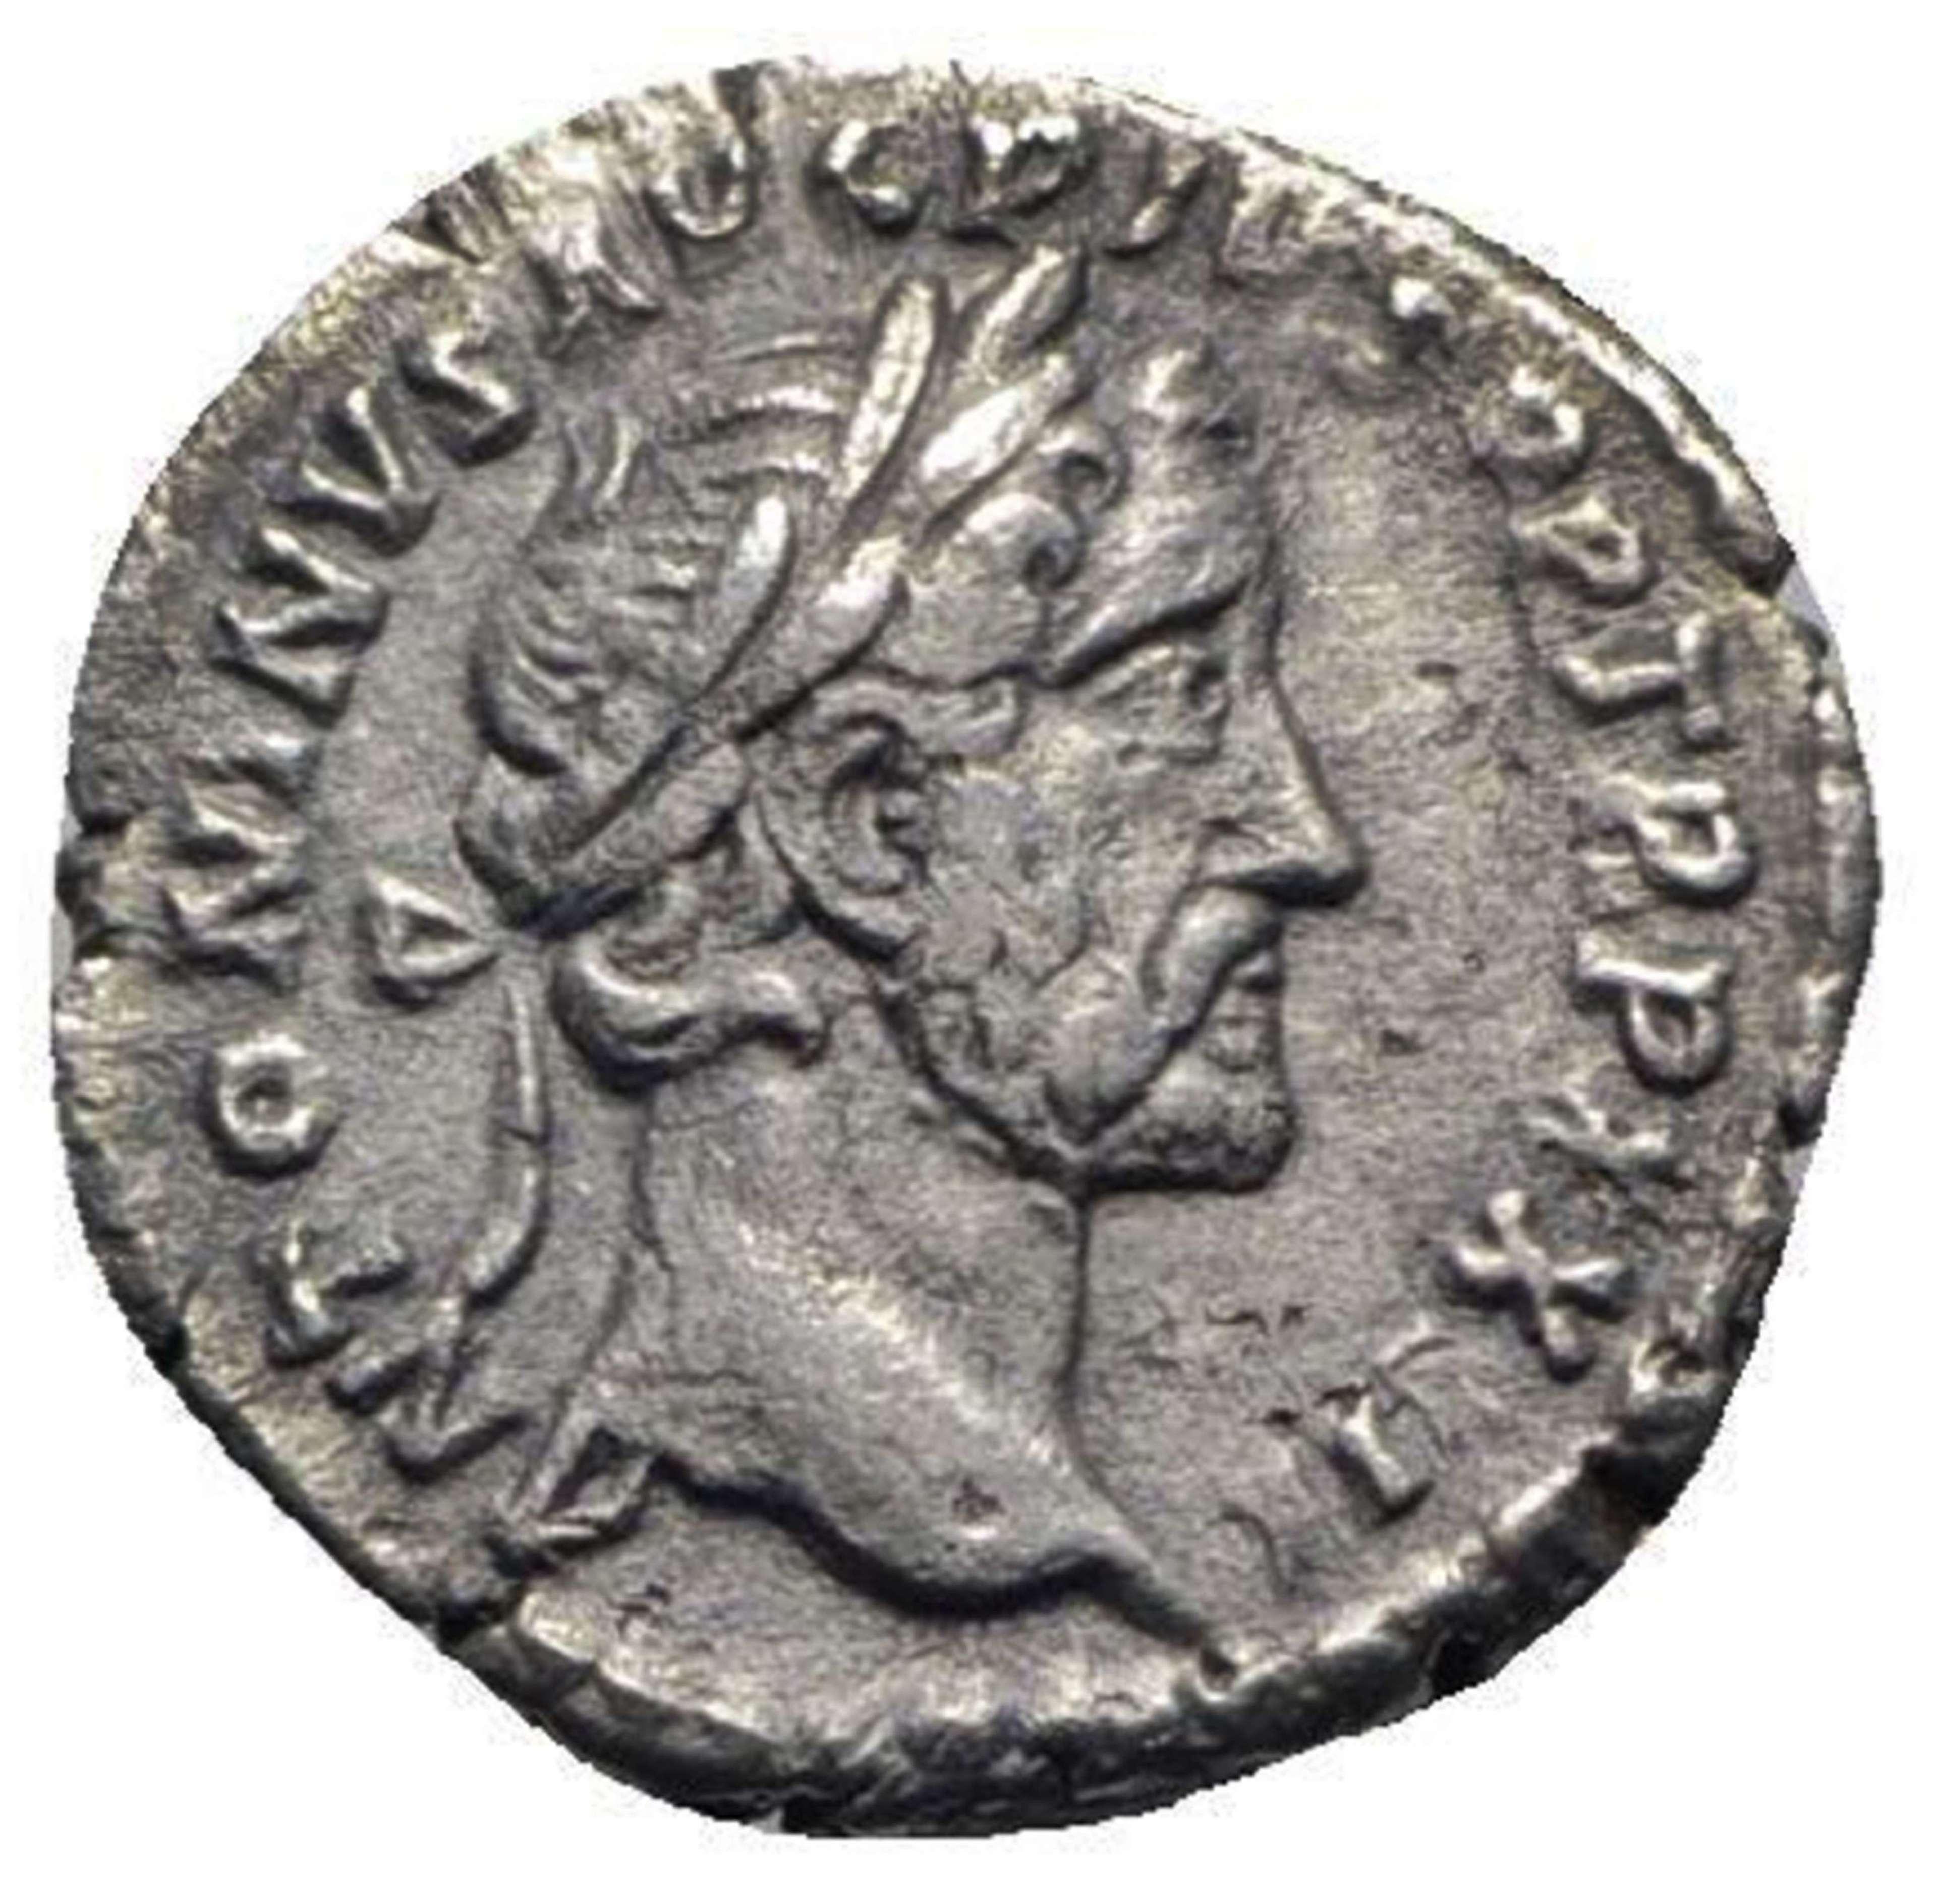 Ancient Roman Silver Denarius of Emperor Antoninus Pius / Health